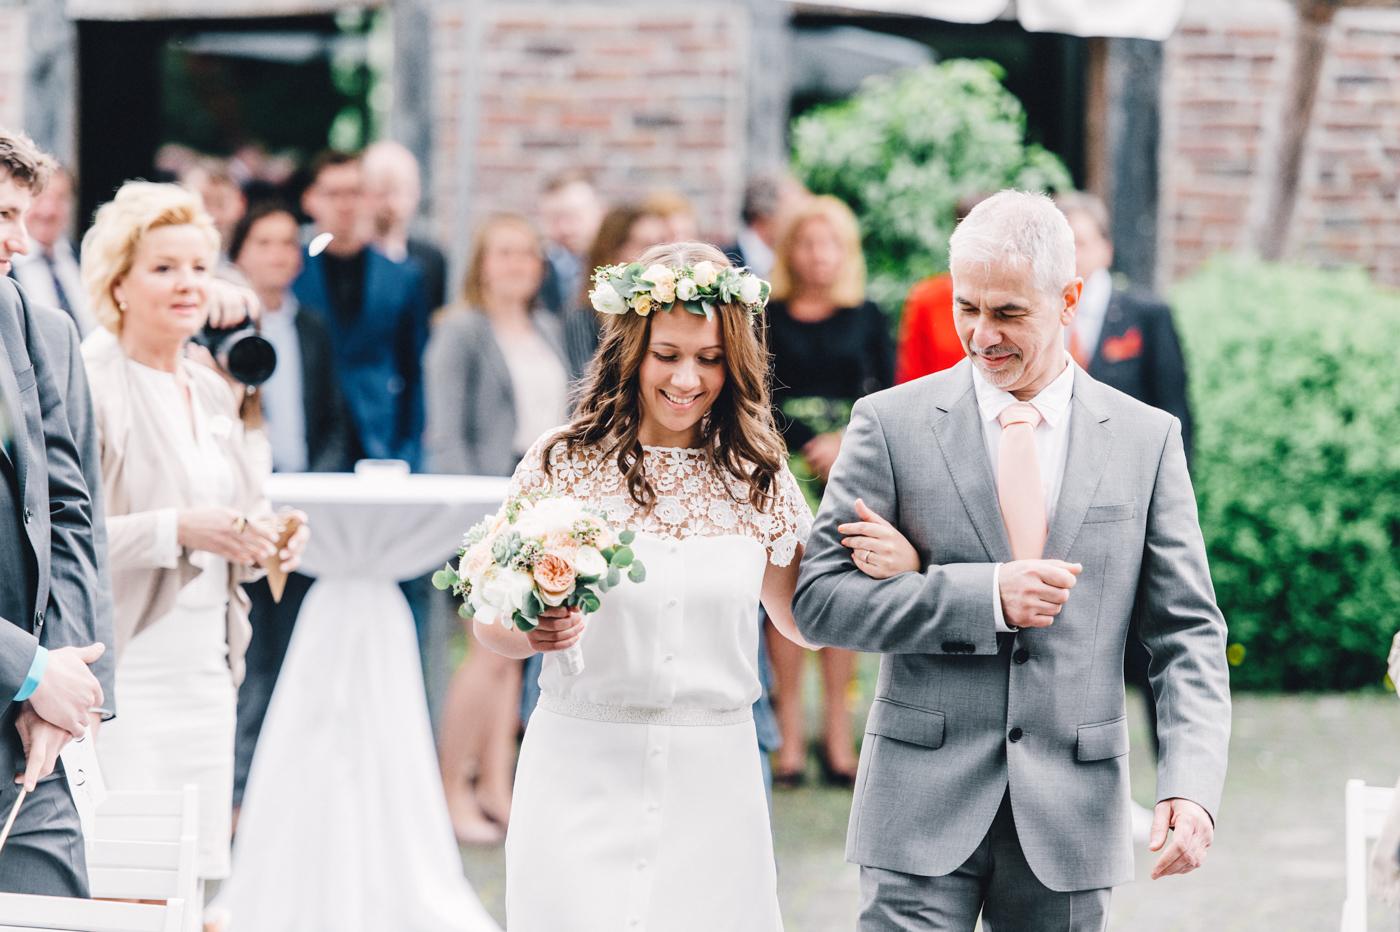 diy-wedding-nothenhof--81